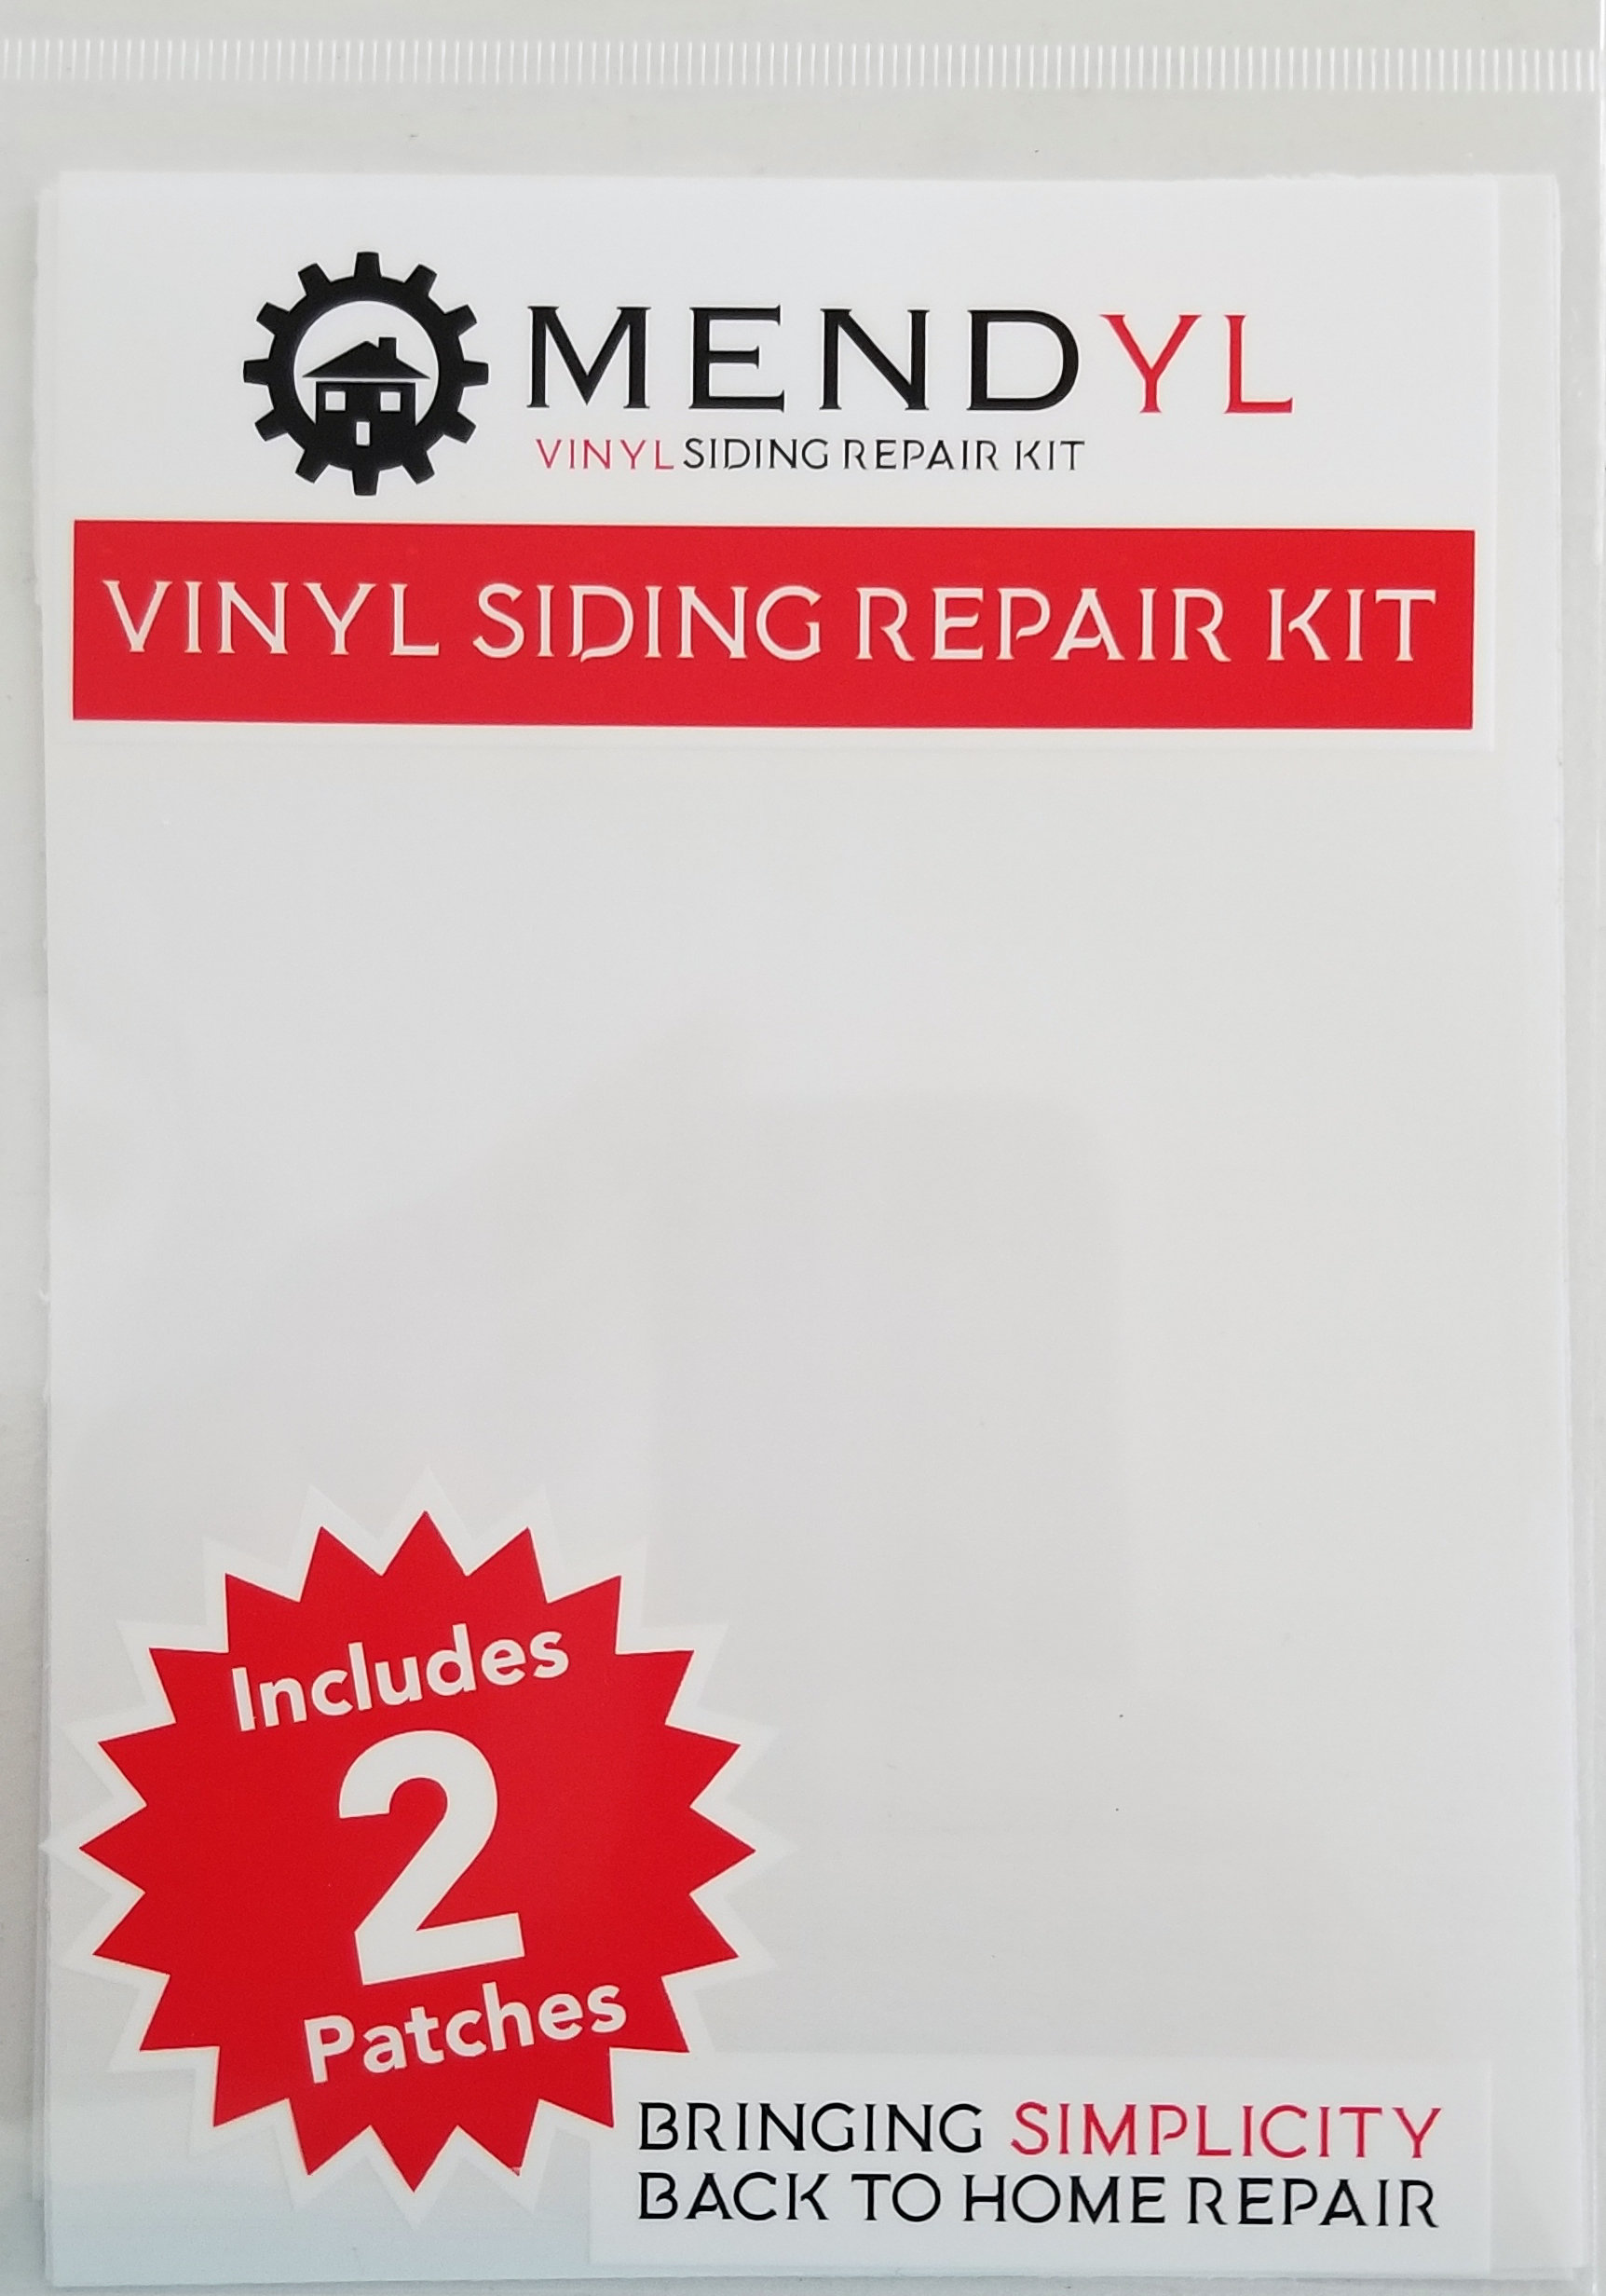 or Blemishes on Vinyl S Mendyl Vinyl Siding Repair Kit Cover Any Cracks Holes